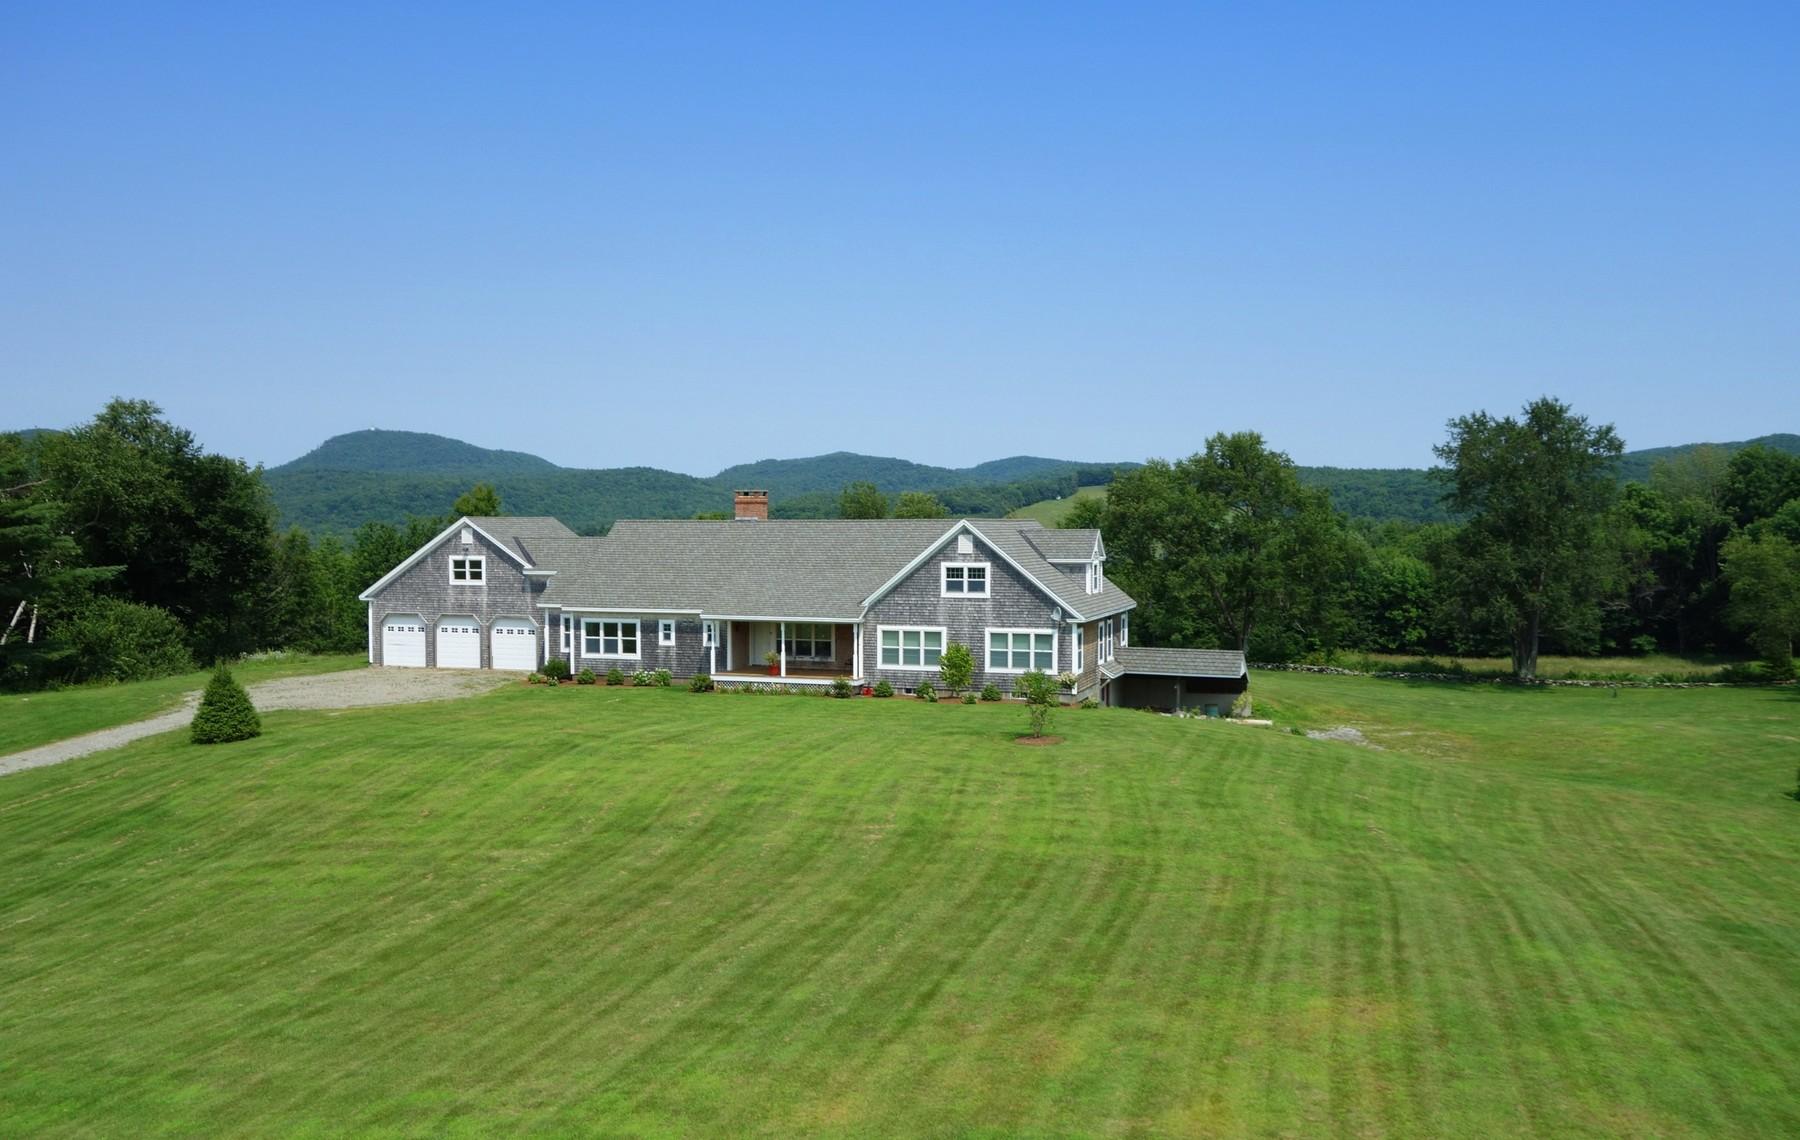 Maison unifamiliale pour l Vente à 4891 Route 133, Foxcobble Rd, Pawlet Pawlet, Vermont 05761 États-Unis